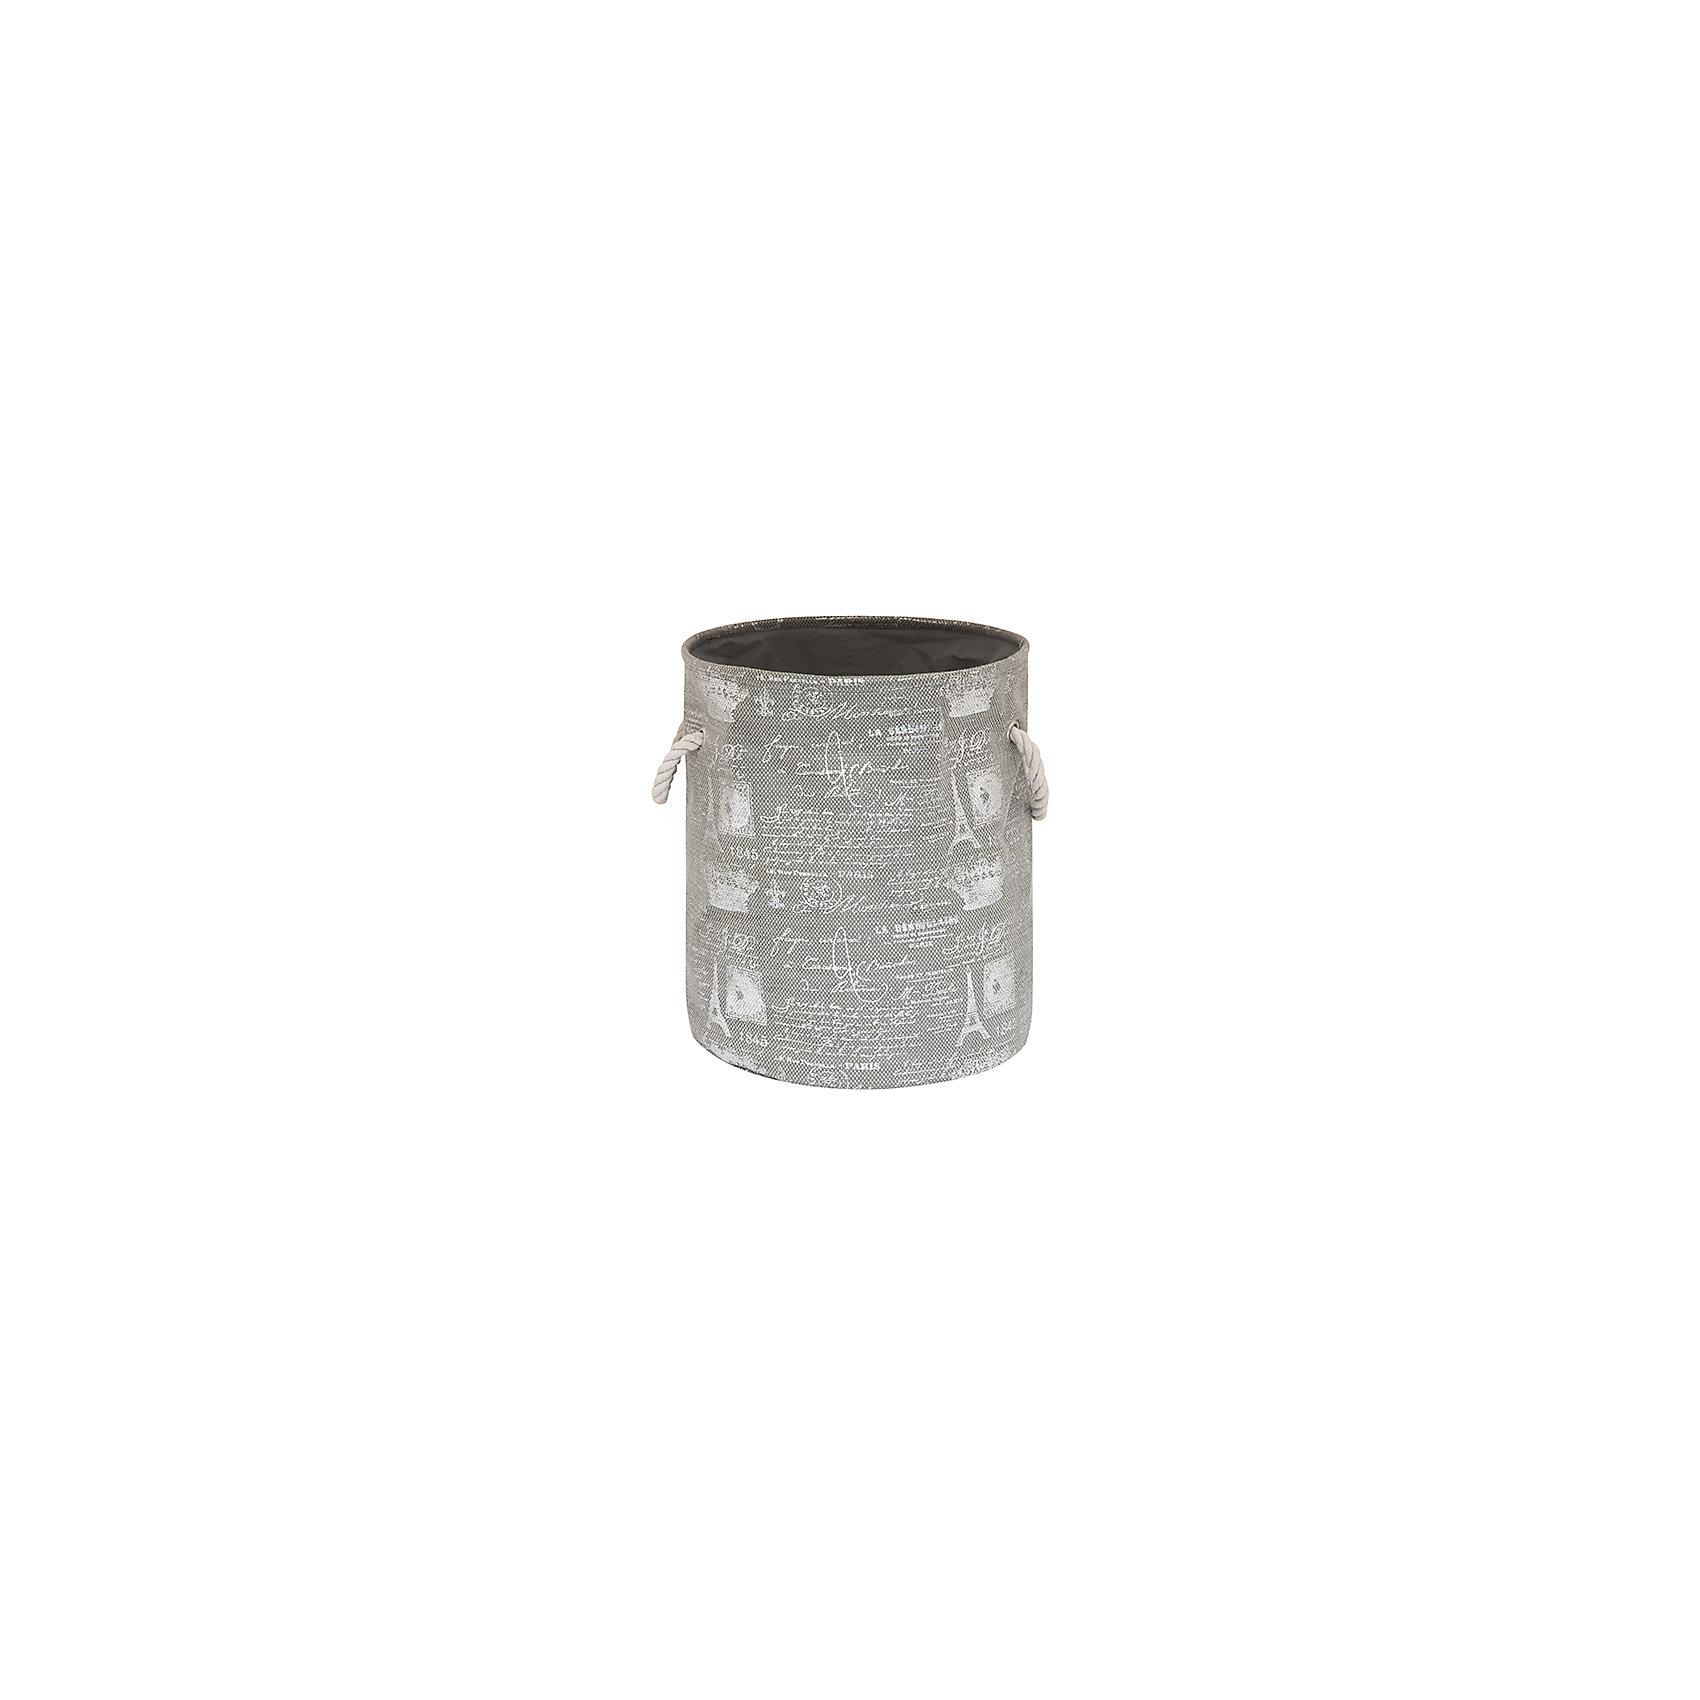 Кофр складной для хранения 34*34*40 см. Париж серебро, EL CasaПорядок в детской<br>Кофр складной мягкий для хранения имеет форму цилиндра. Не имеет жестких вставок, при этом держит форму и имеет эстетичный вид. Легко слкадывается и раскладывается, подходит для размещения в шкафу.<br><br>Ширина мм: 340<br>Глубина мм: 340<br>Высота мм: 70<br>Вес г: 417<br>Возраст от месяцев: 0<br>Возраст до месяцев: 1188<br>Пол: Унисекс<br>Возраст: Детский<br>SKU: 6668720